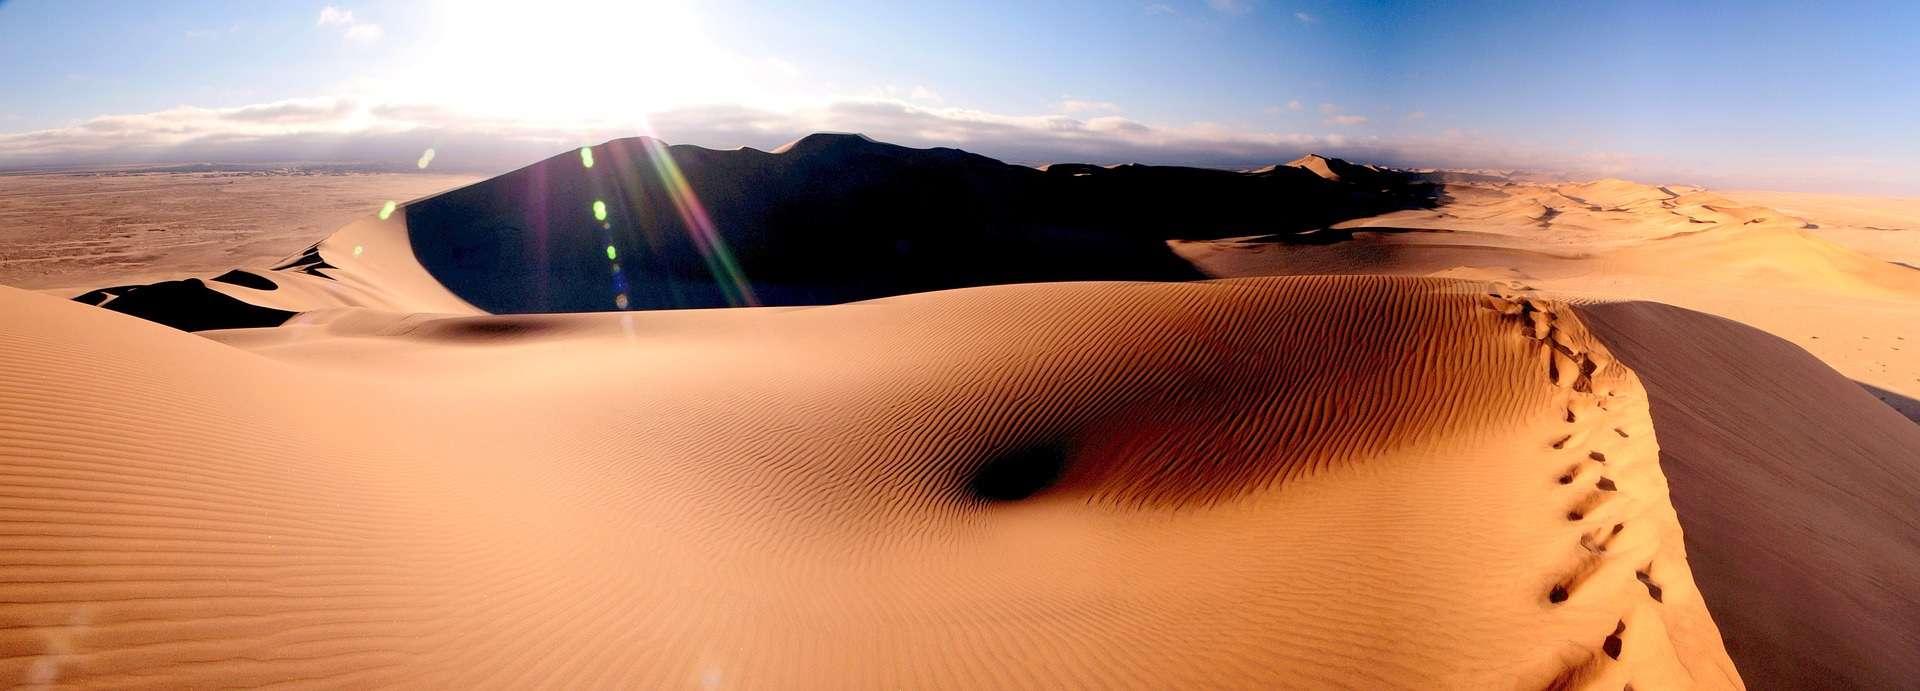 Rundreise Namibia: Empfehlungen & Vergleich (08/20)